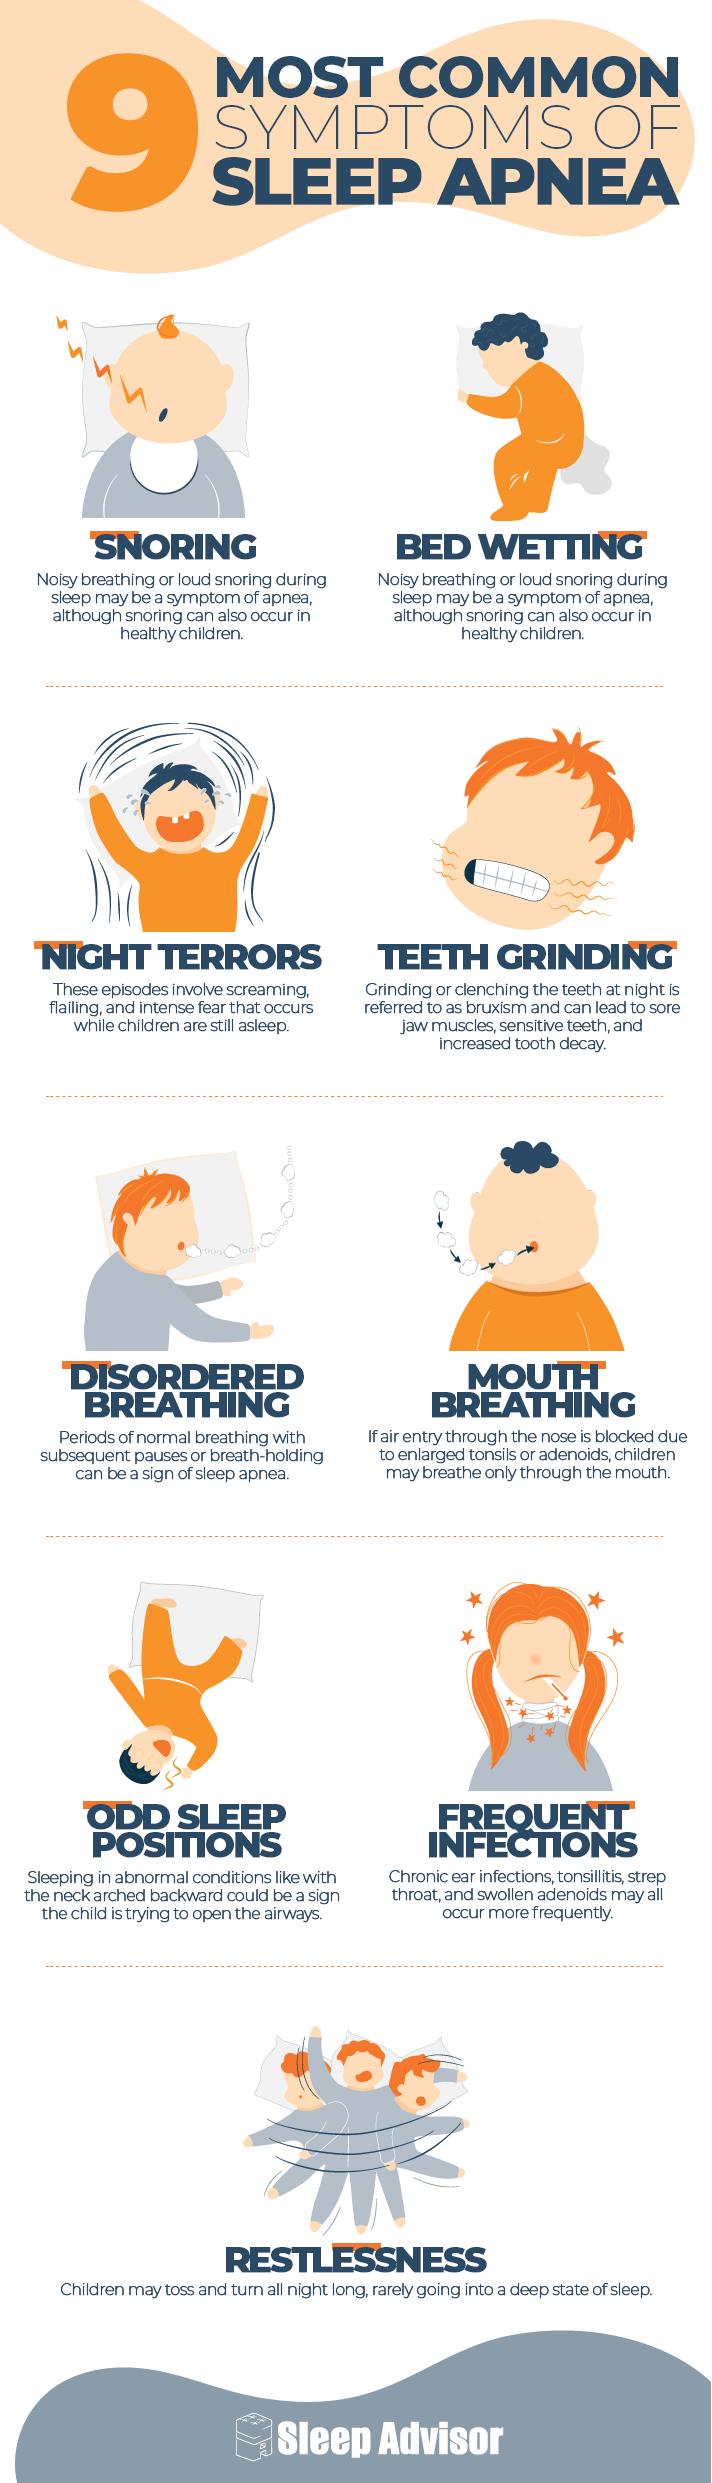 9 Most Common Symptoms of Sleep Apnea